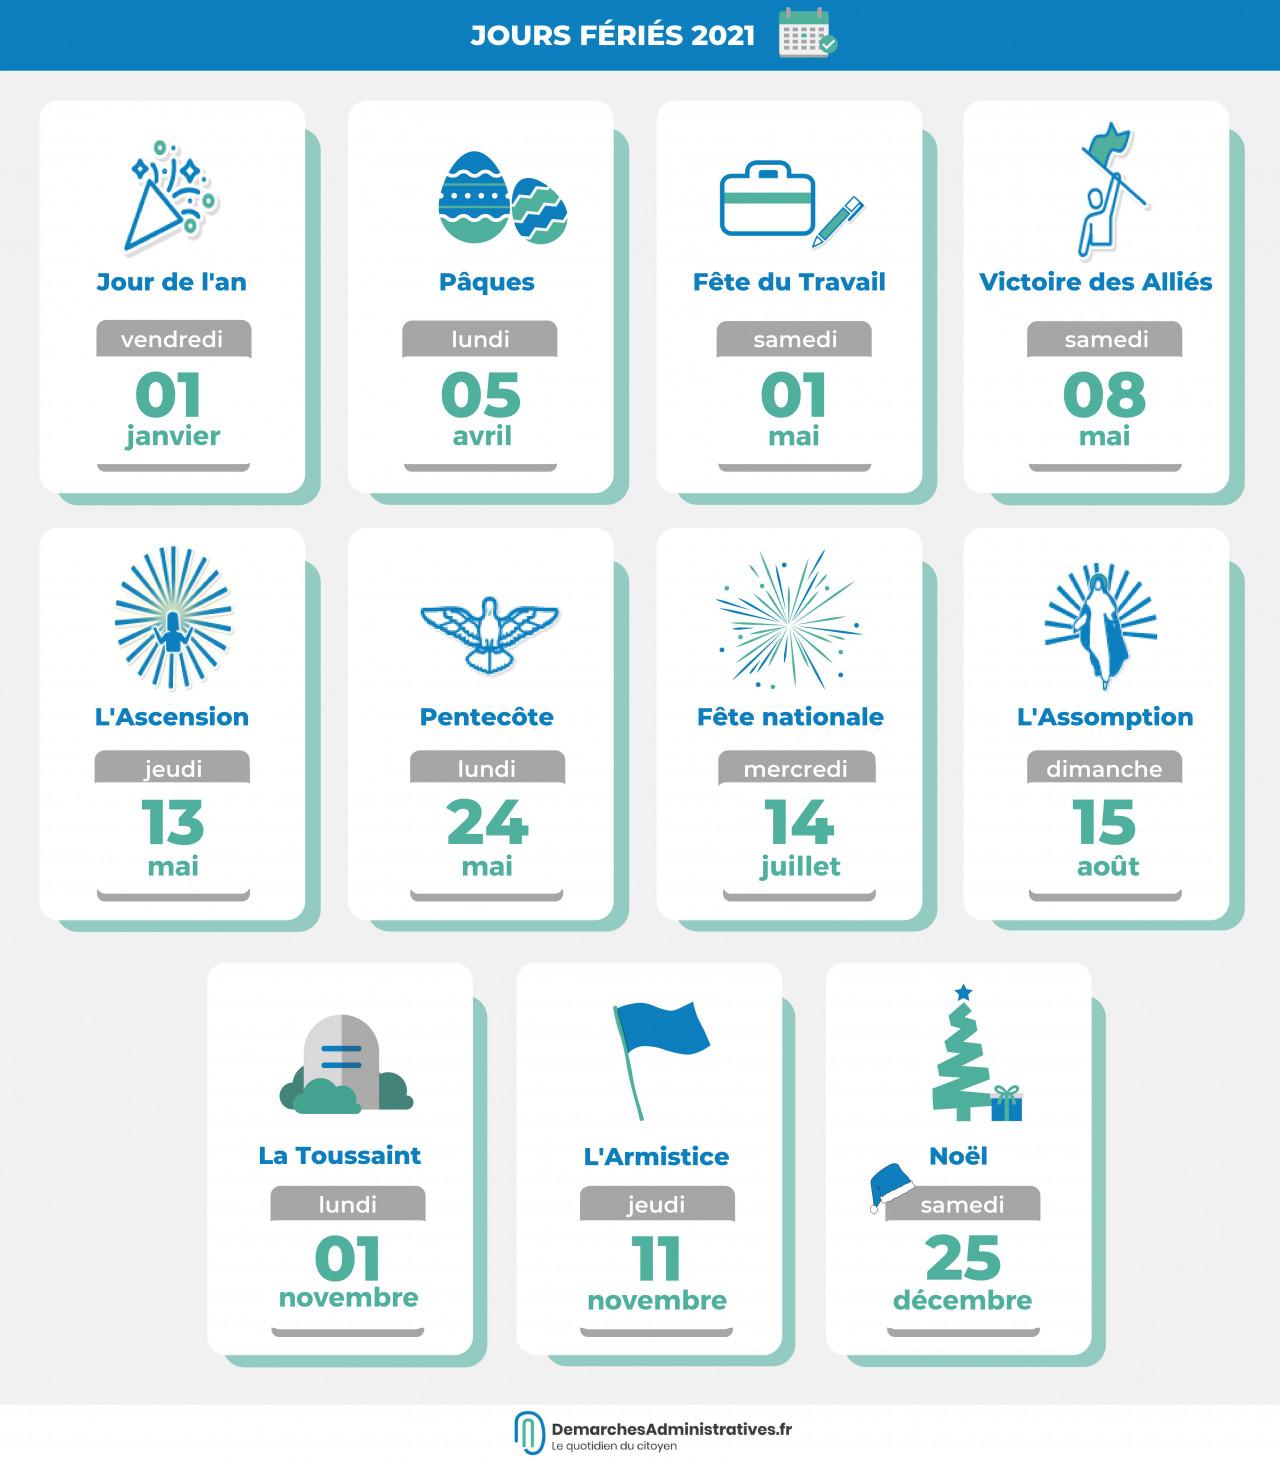 Jours fériés en 2021 : les dates du calendrier